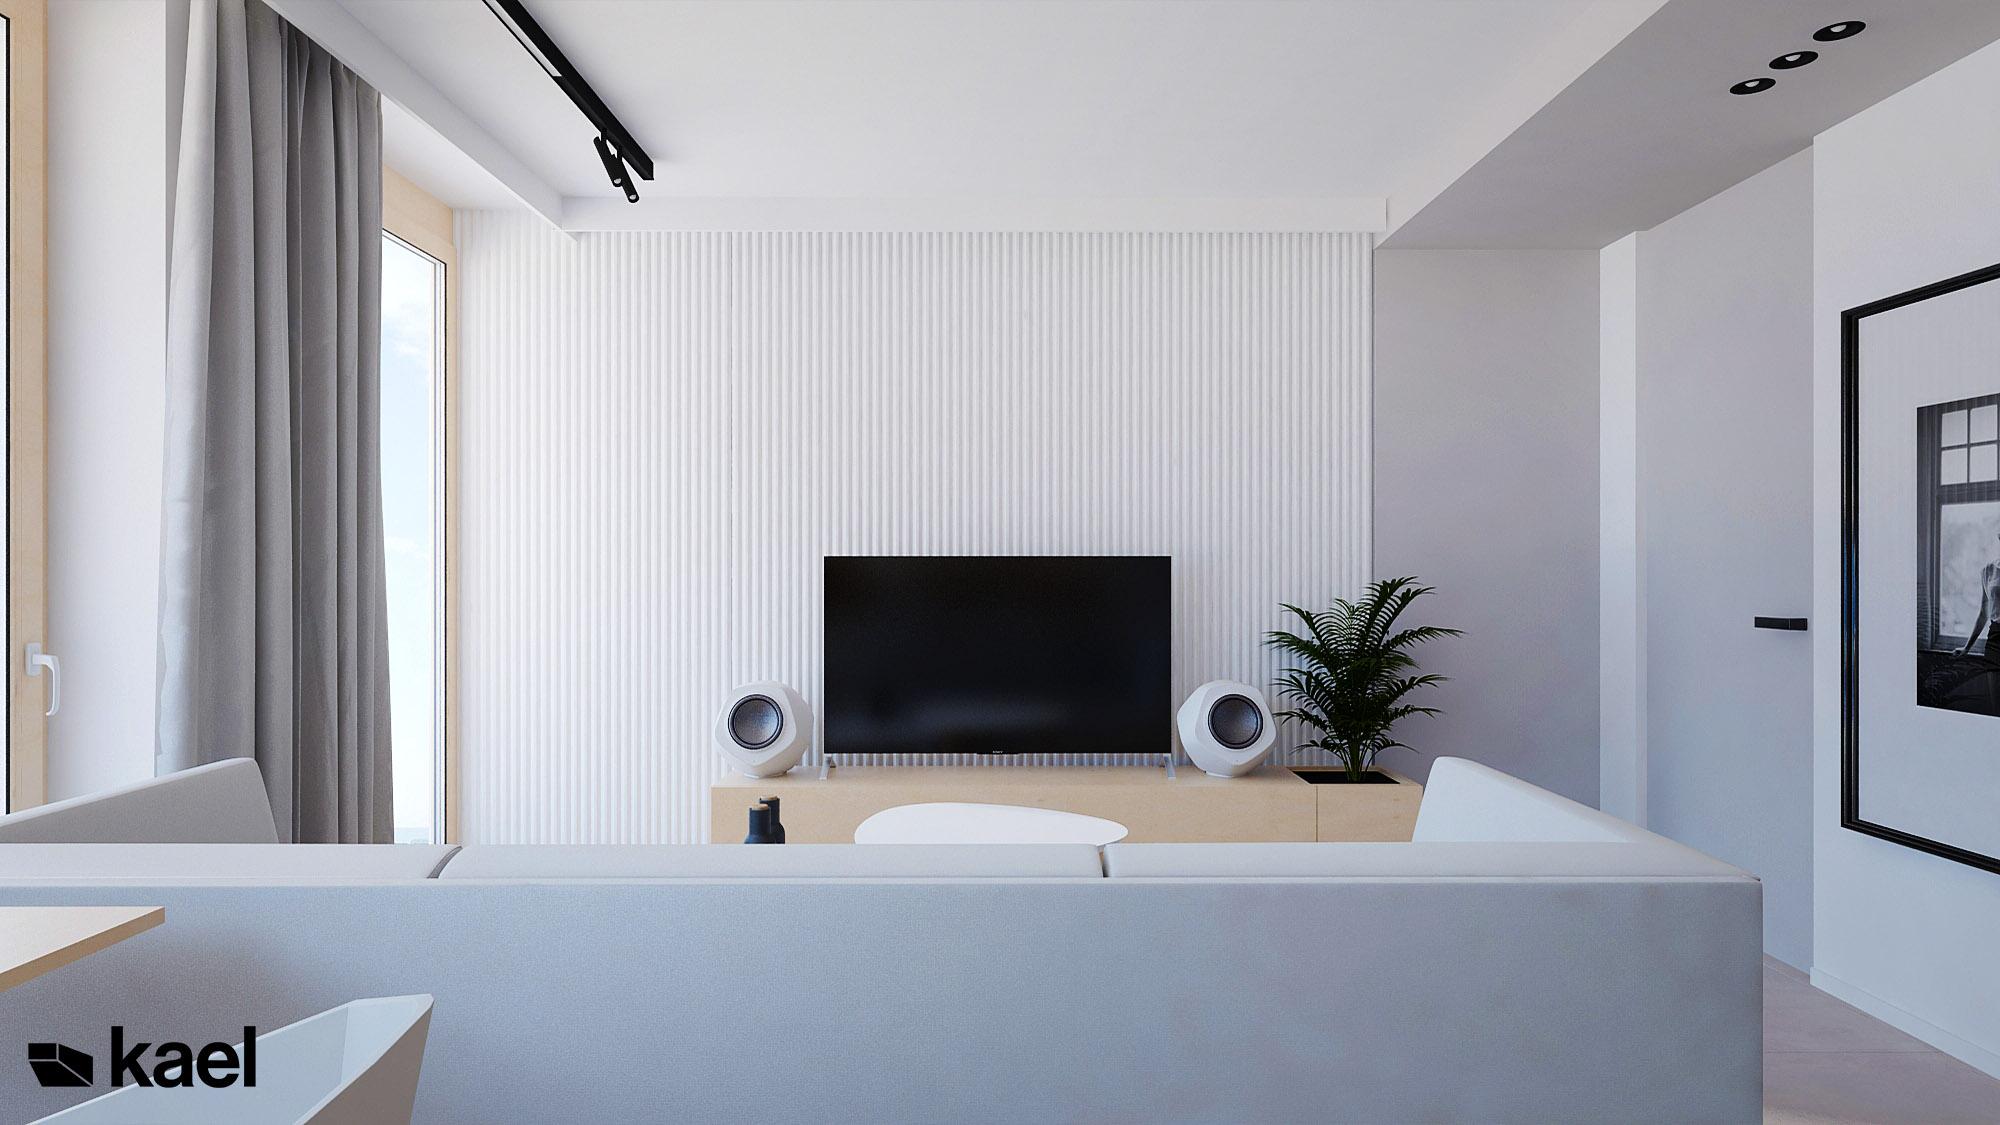 Sciana telewizyjna w salonie